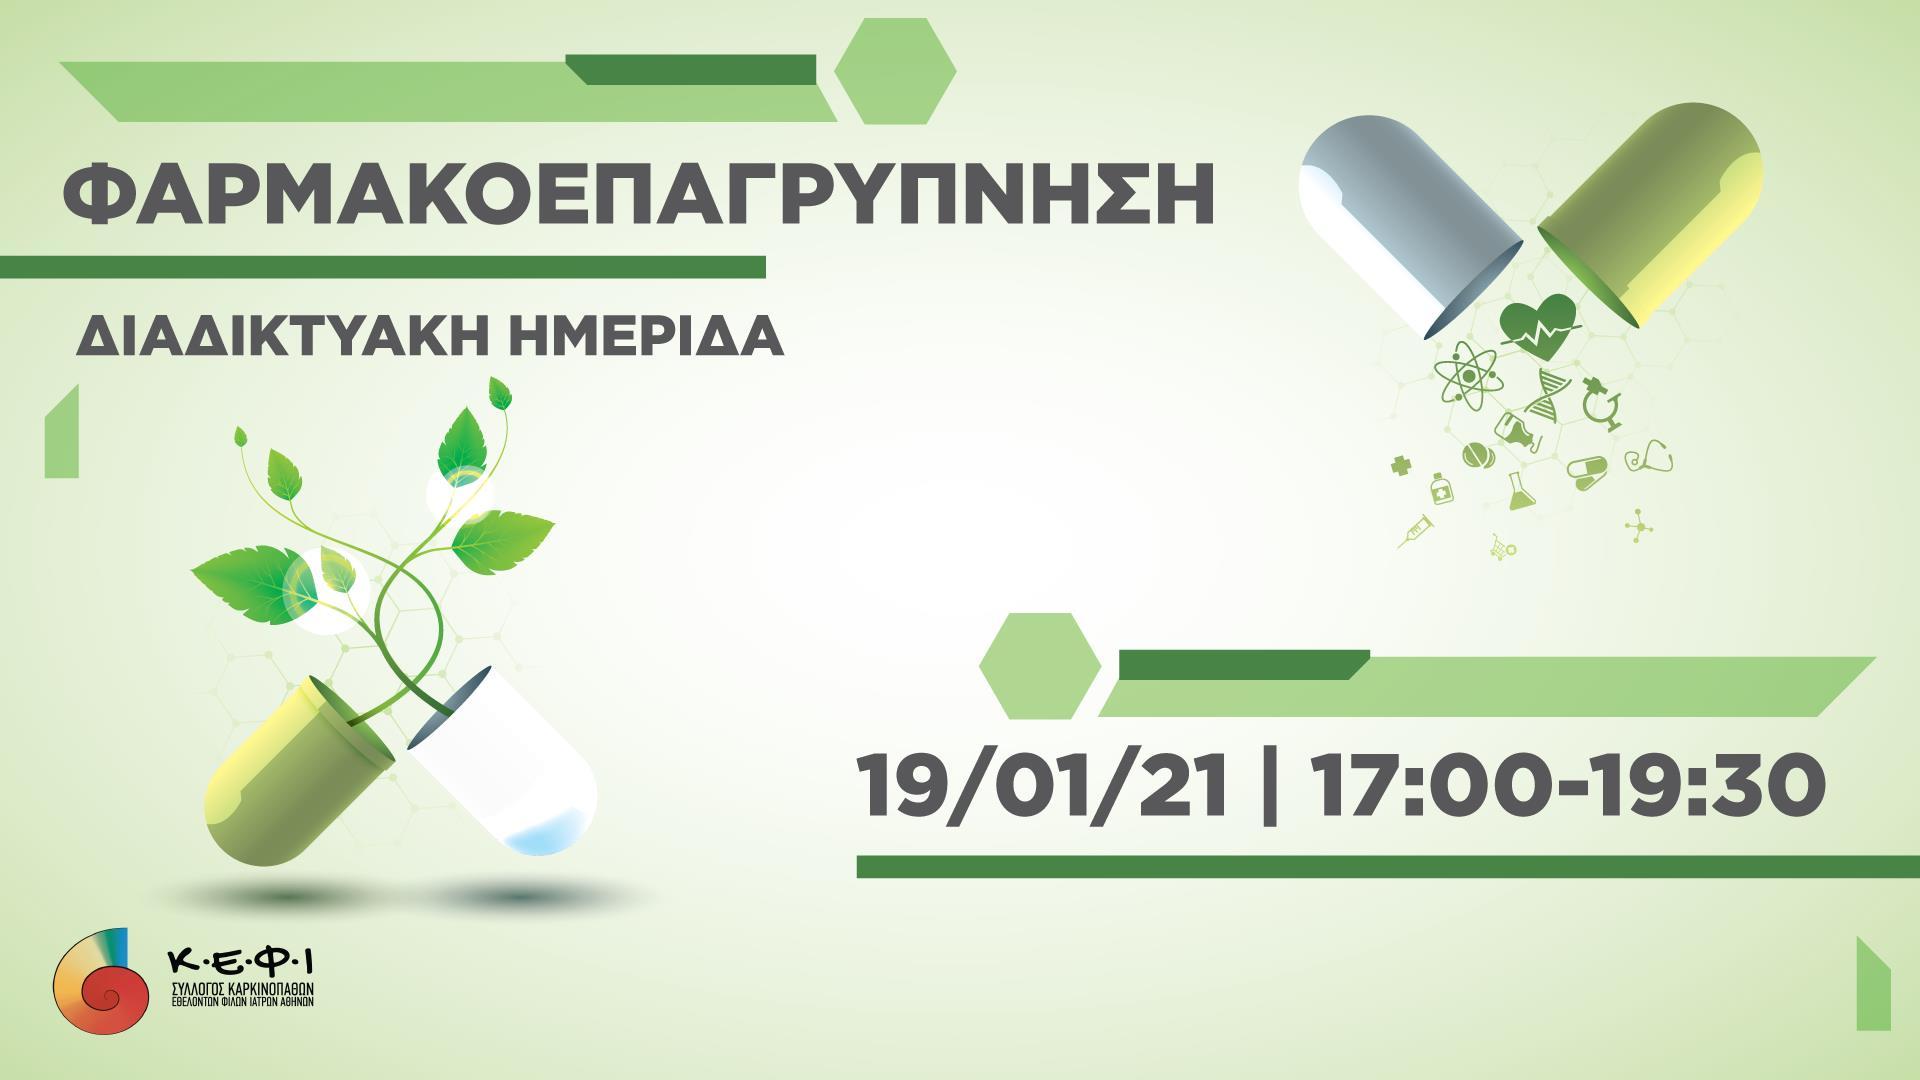 Το ΚΕΦΙ διοργανώνει Webinar για τη Φαρμακοεπαγρύπνηση στις 19/01/2021